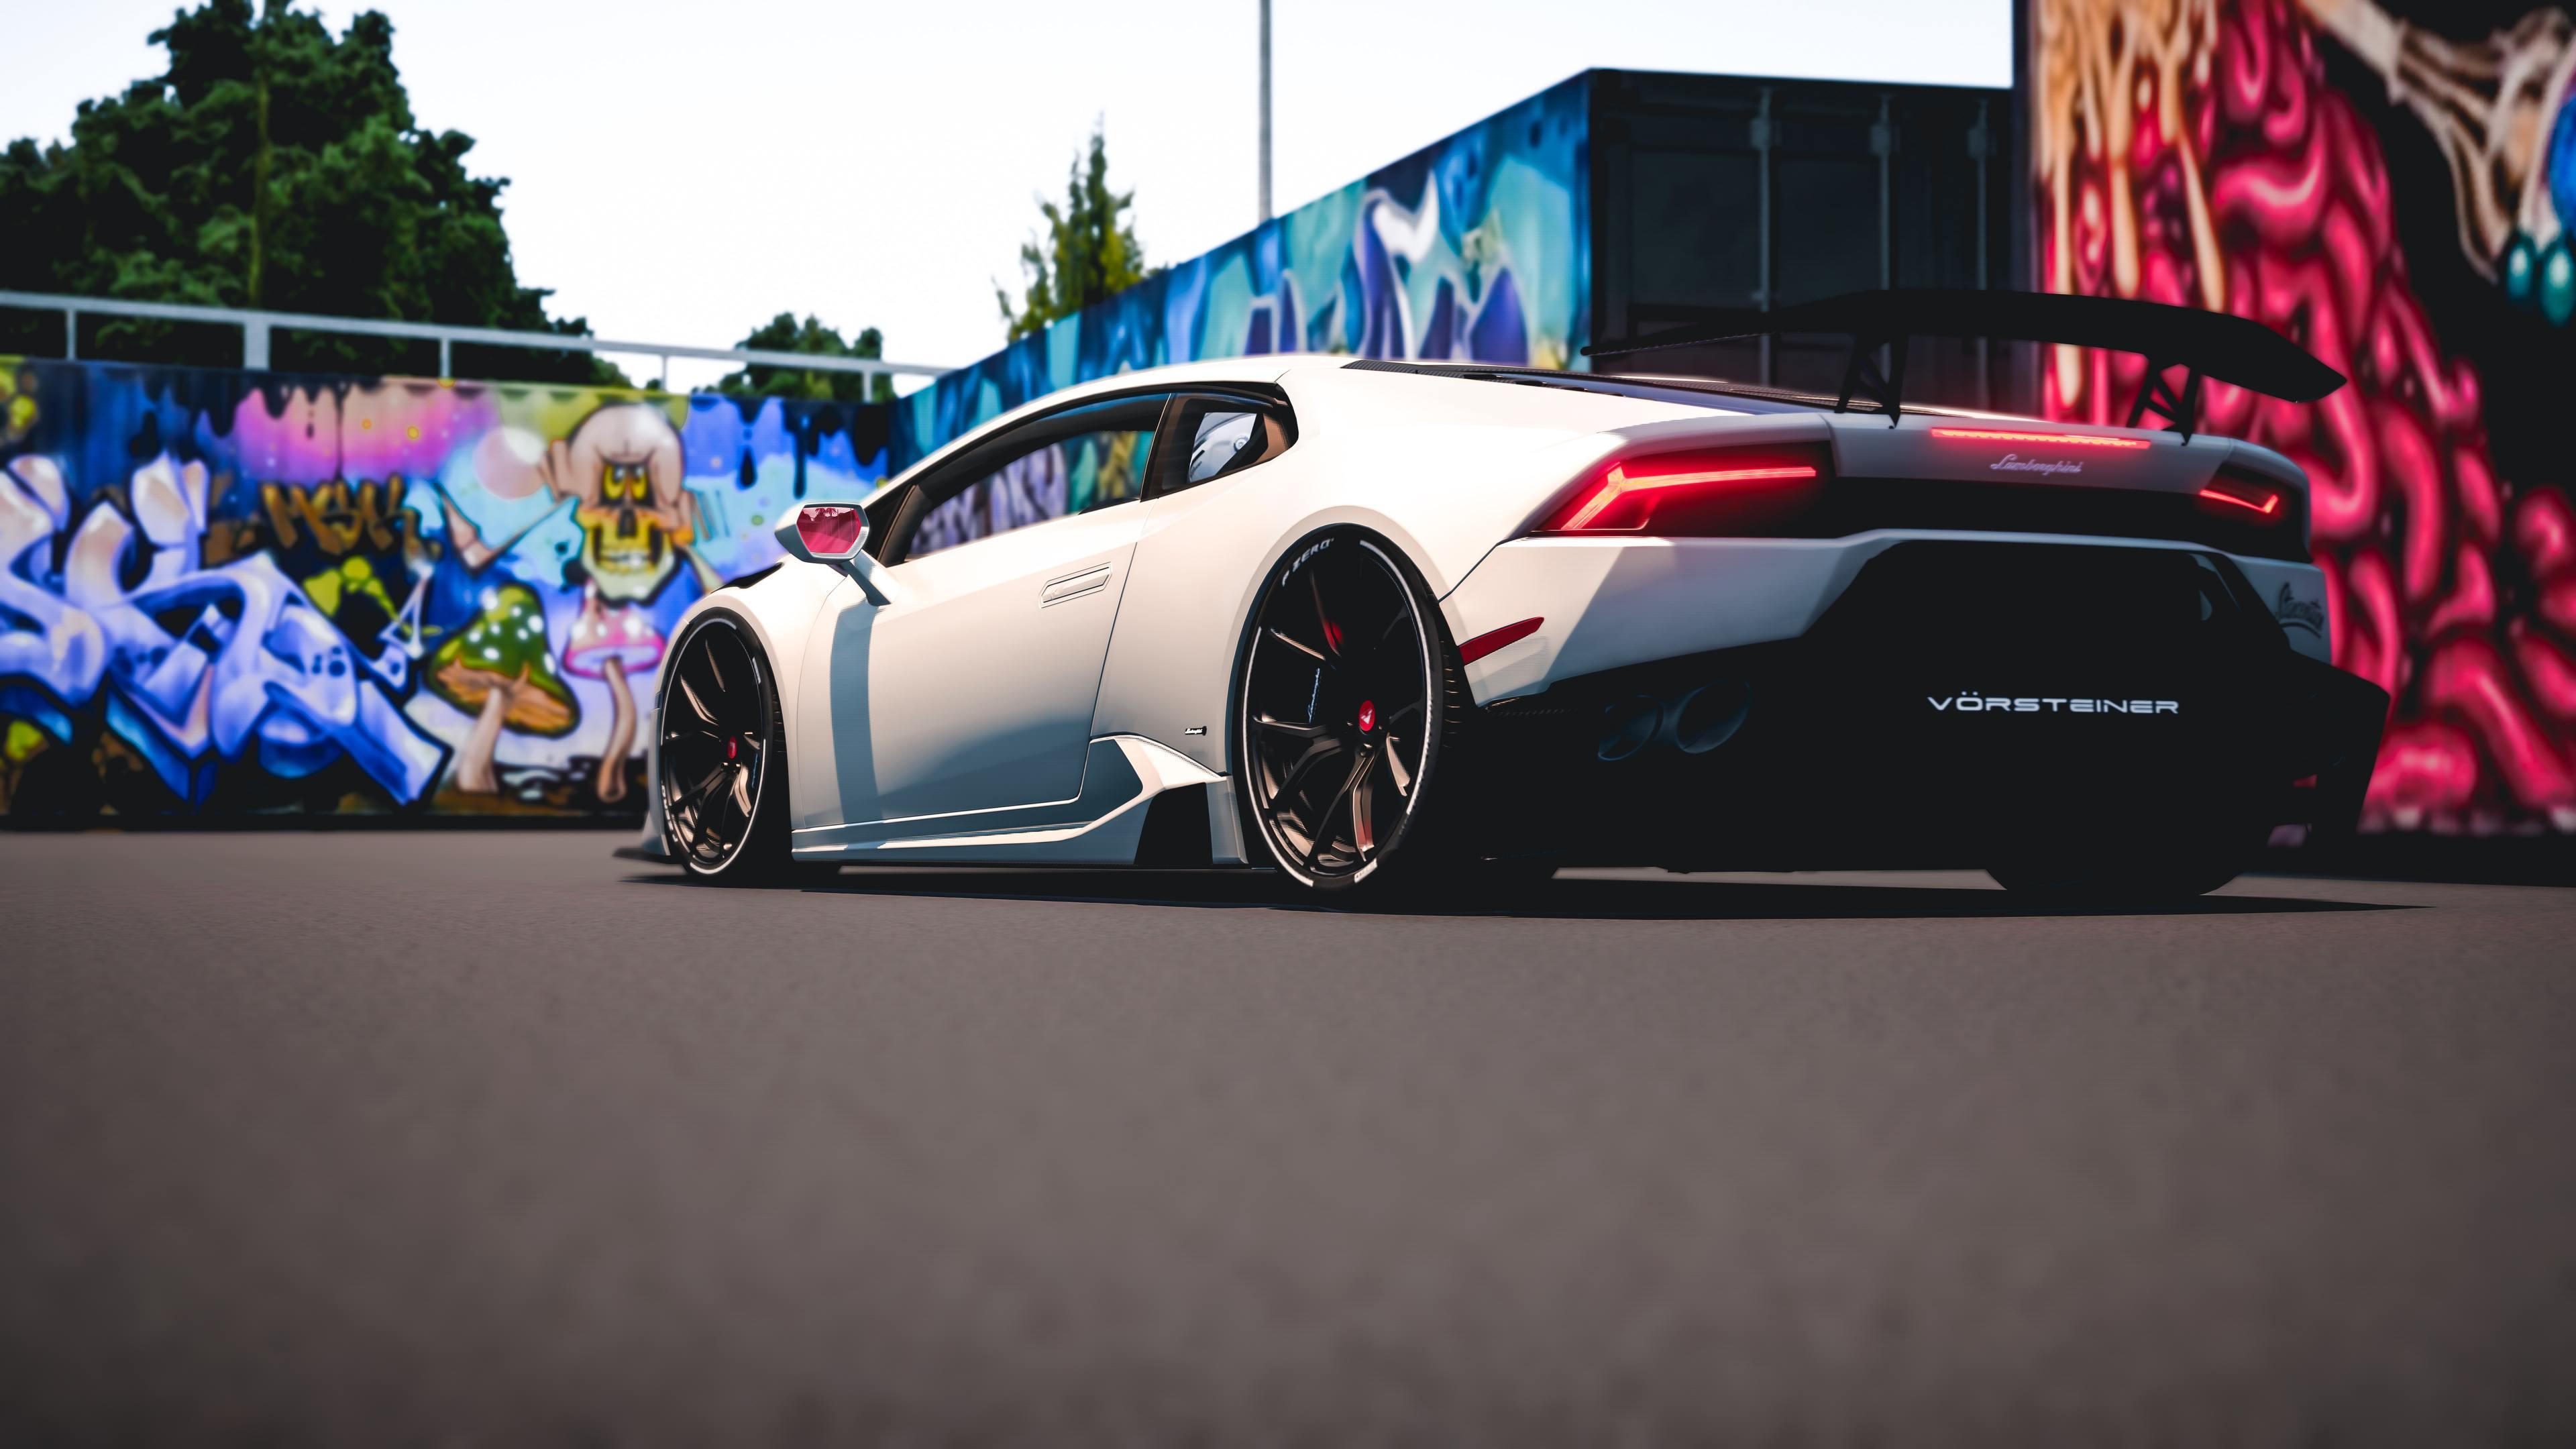 vorsteiner lamborghini huracan 2019 1570392107 - Vorsteiner Lamborghini Huracan 2019 - lamborghini wallpapers, lamborghini huracan wallpapers, hd-wallpapers, cars wallpapers, 8k wallpapers, 5k wallpapers, 4k-wallpapers